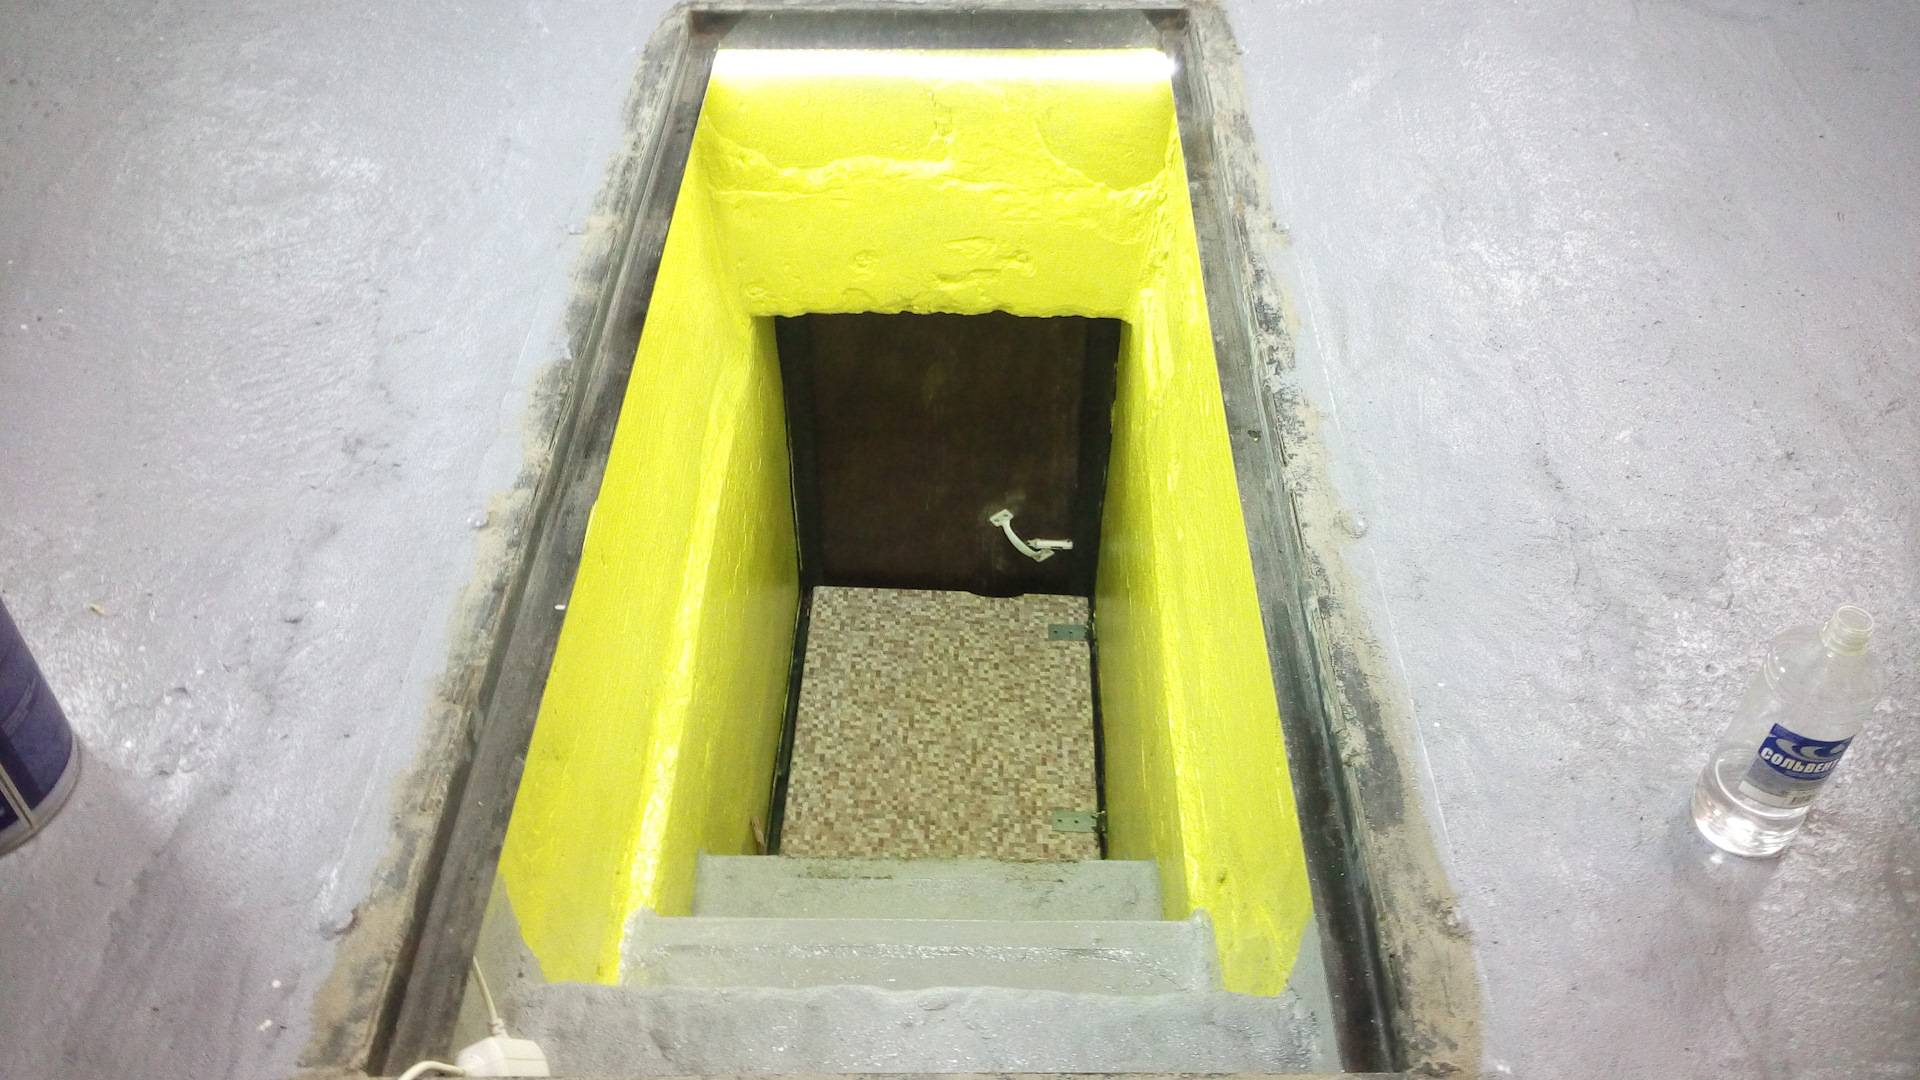 Как выкопать и построить подвал в гараже своими руками - строительство погреба, монтаж лестницы и вентиляции, как избавиться от воды, чем отделать стены, как закрывать, пошаговая инструкция с фото, чертежами и видео